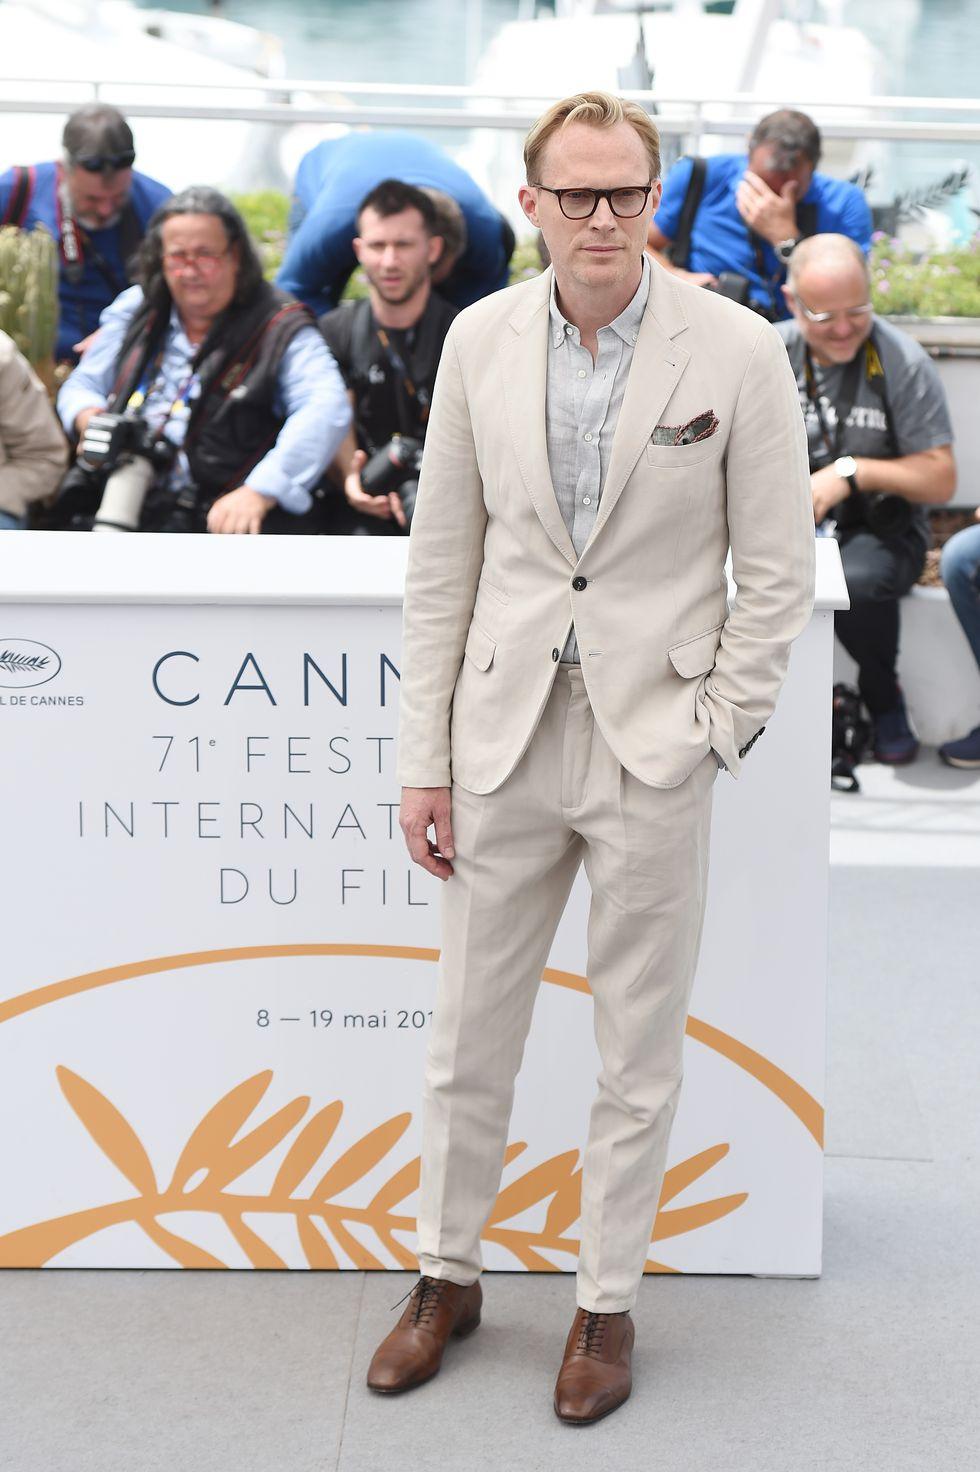 Um dos segredos para estar bem vestido é estar de acordo com a ocasião. Nesse caso, Paul Bettany merece elogios não apenas pelo ótimo corte de cada uma das peças, mas também pela adequação. Eventos de dia, a céu aberto, pedem cores mais claras e o ator inglês soube combiná-las com bastante sabedoria.